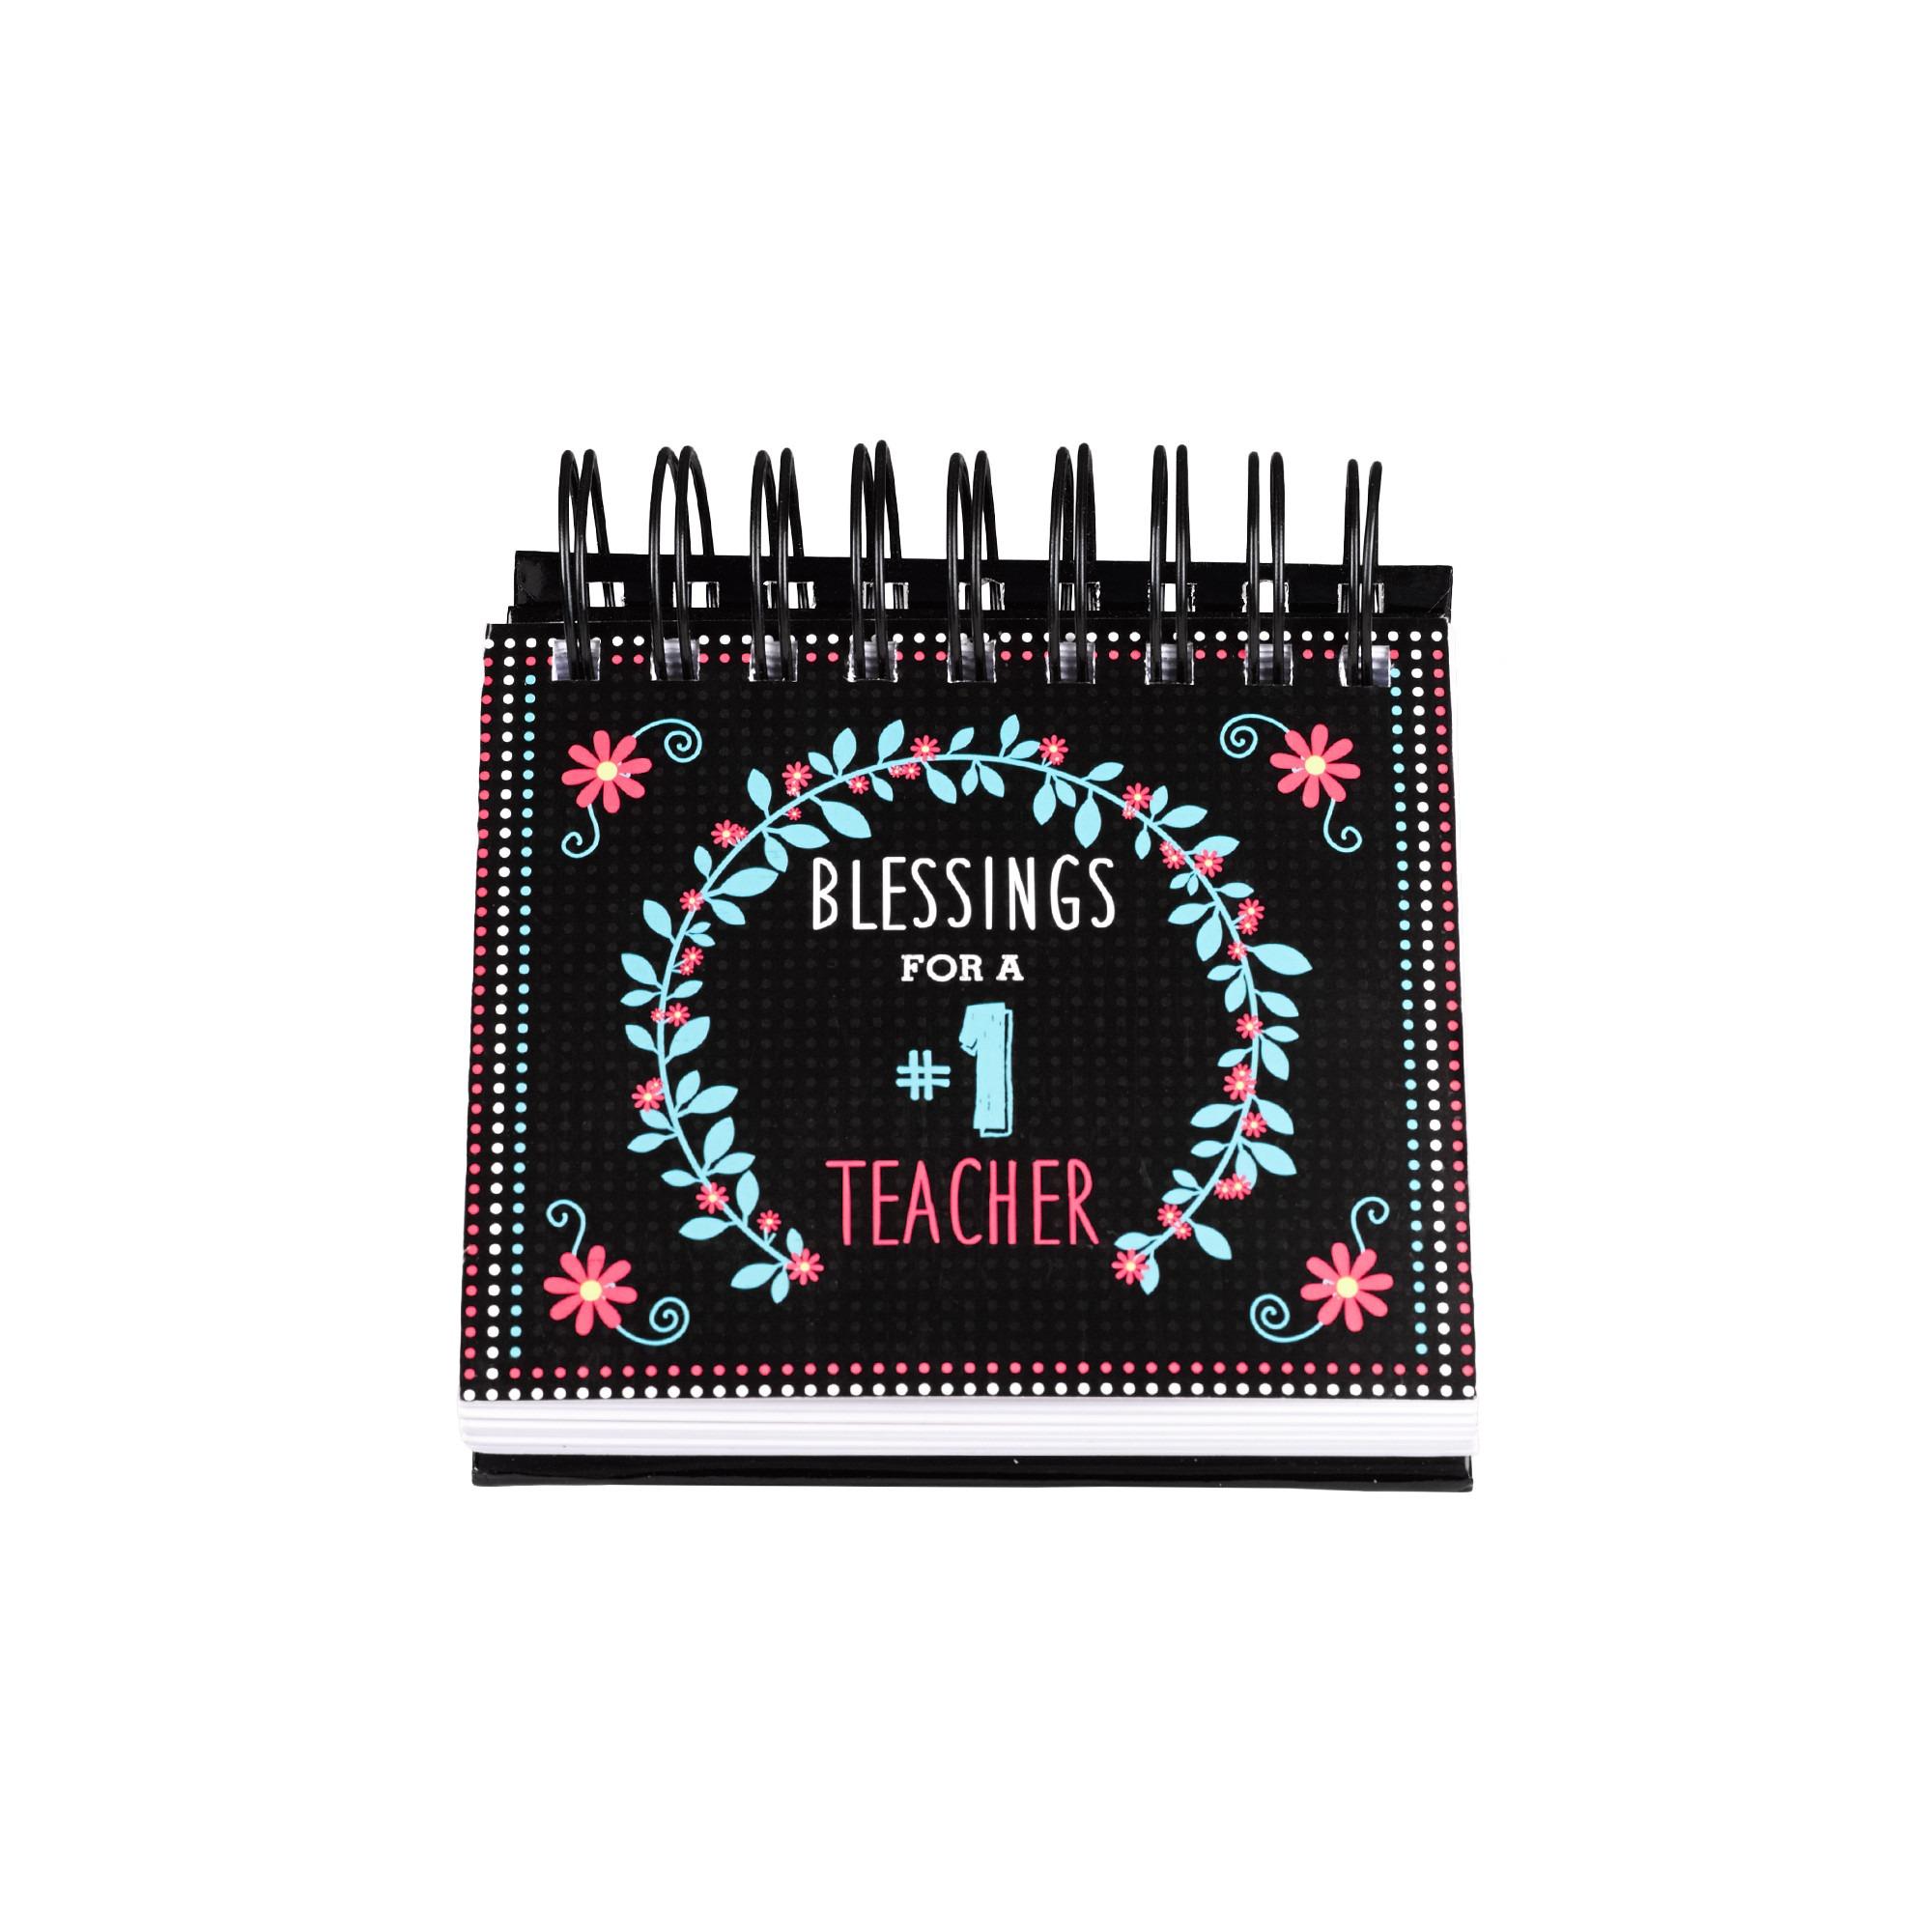 Blessings for Teacher Calendar